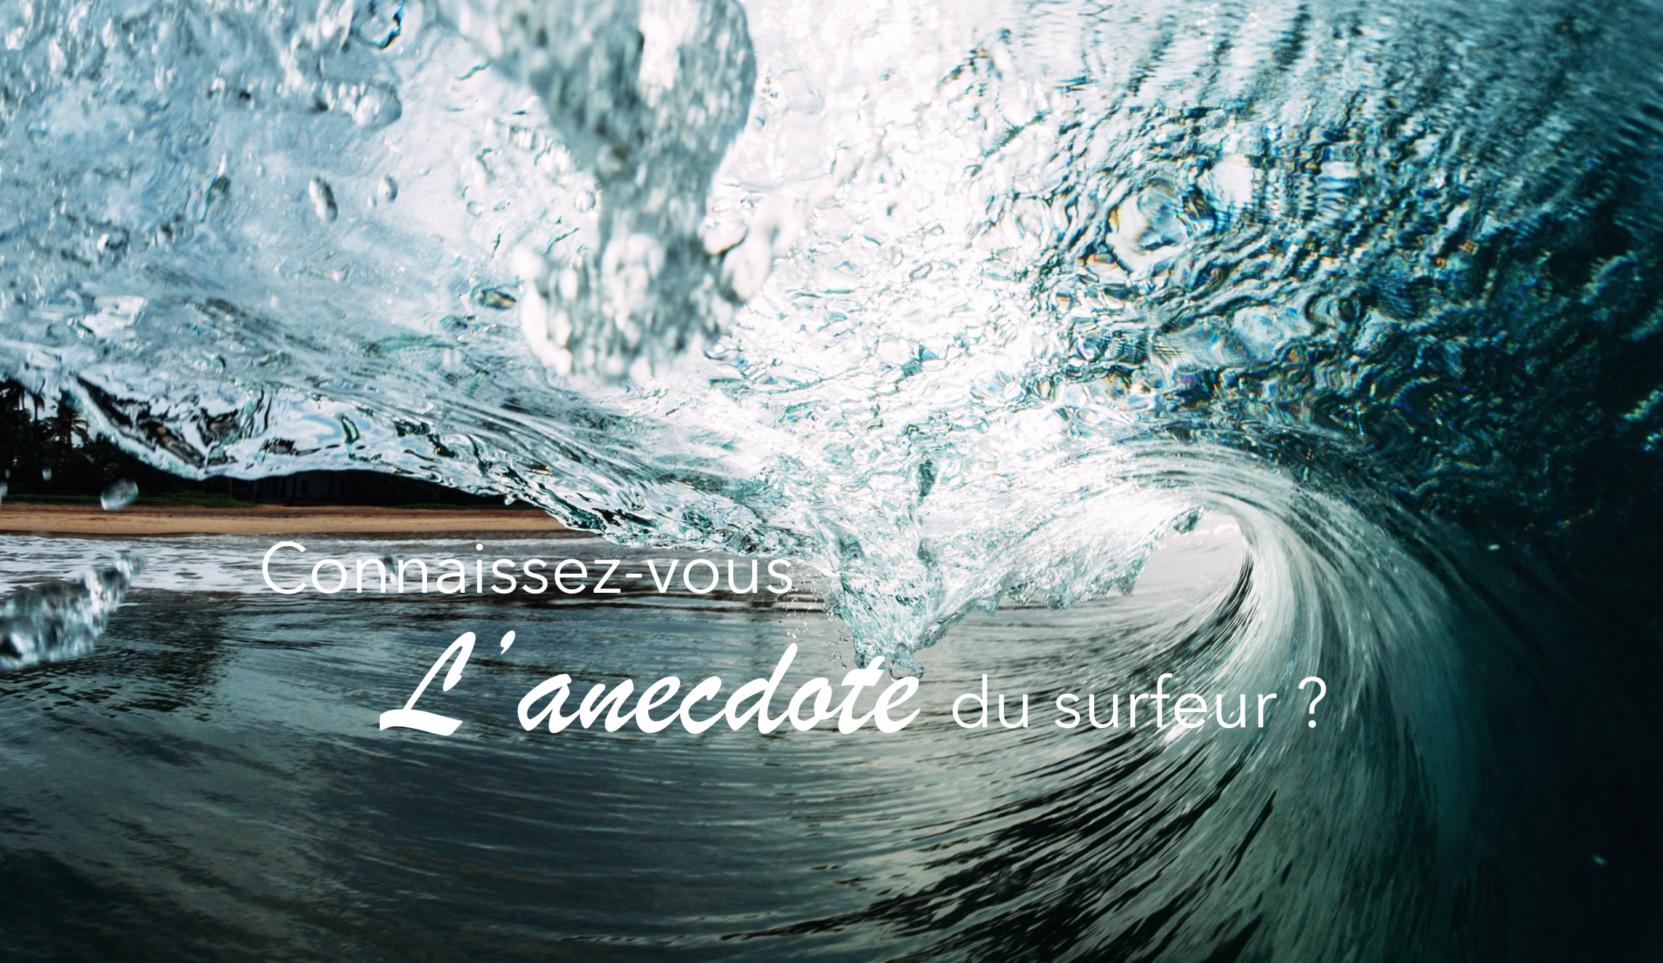 La vague ou l'anecdote du surfeur